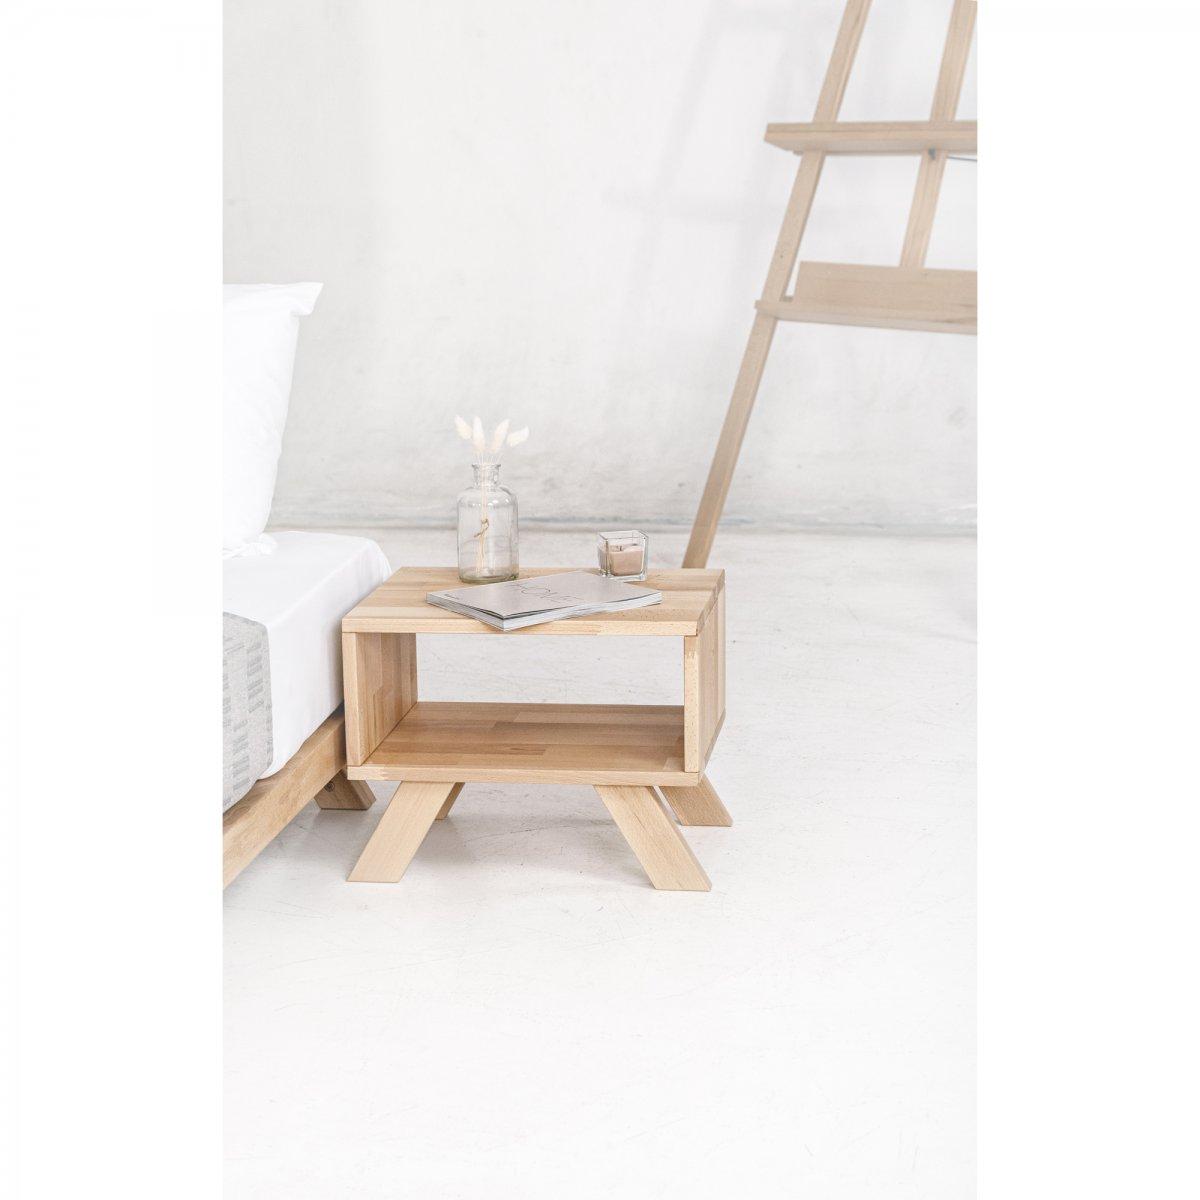 Woodman Comodino Allegro legno naturale